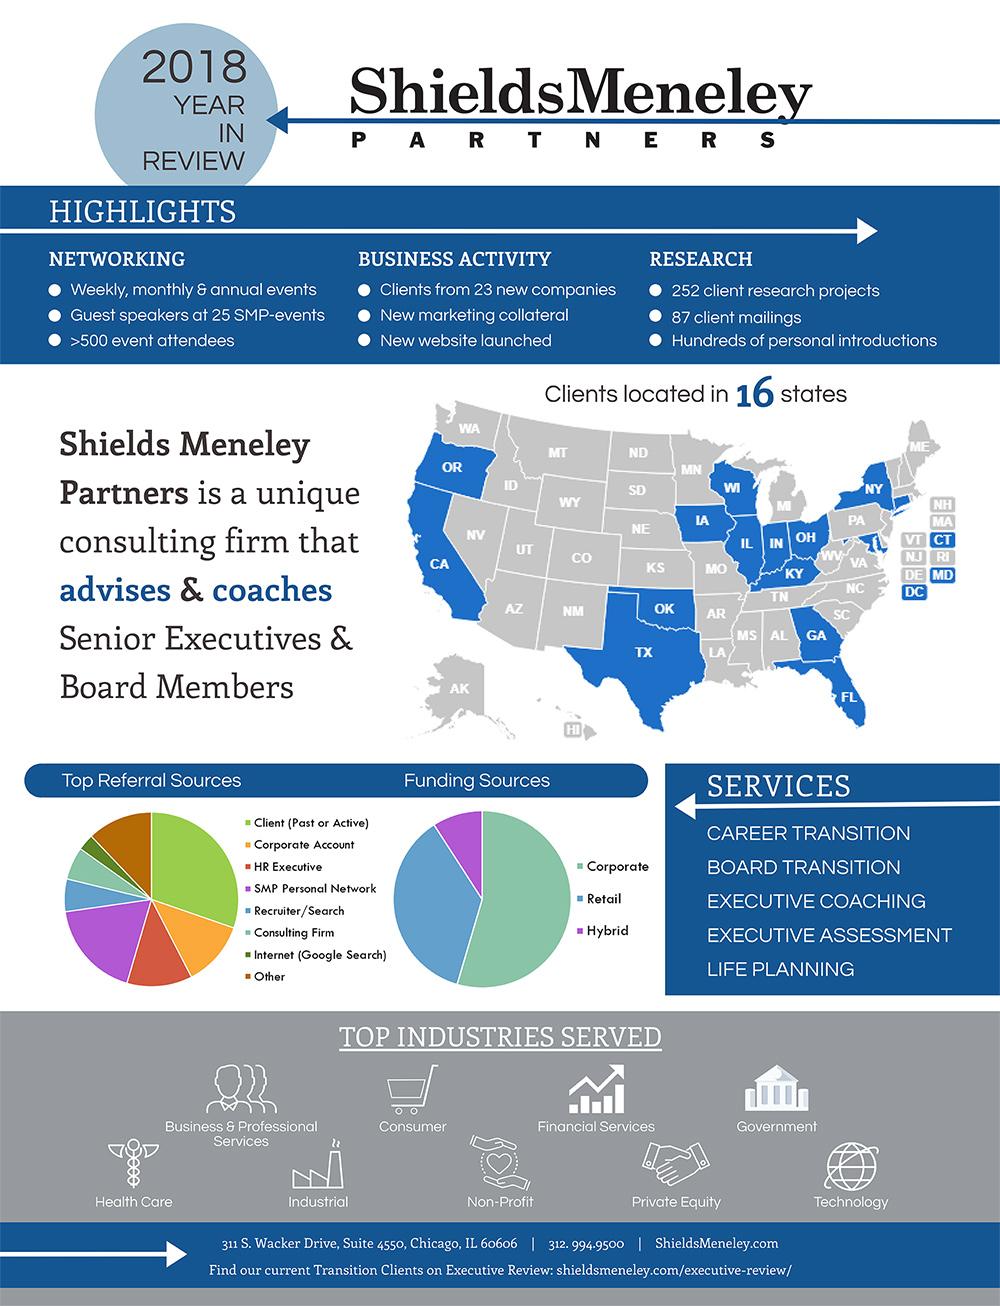 Shields Meneley Partners 2018 Year in Review | Shields Meneley